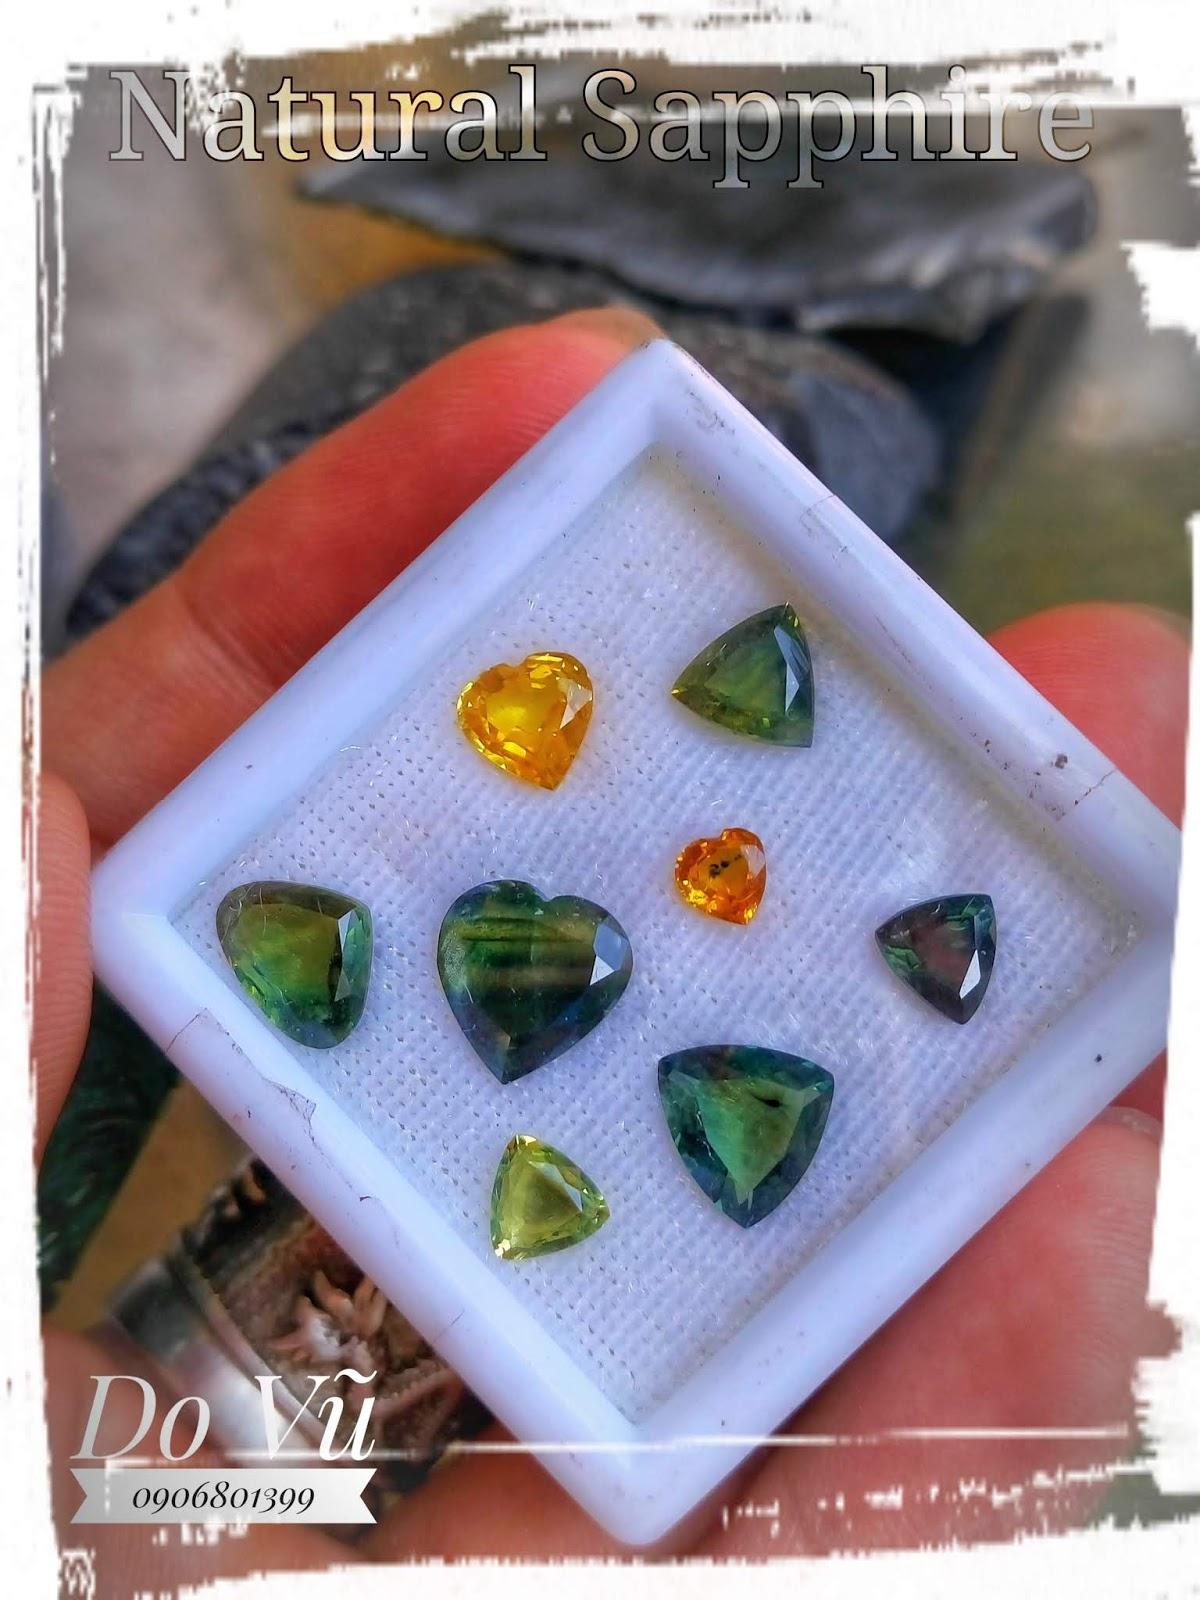 Đá quý Sapphire thiên nhiên, Natural Sapphire buôn hồ chất ngọc trong, lửa( 25/04/20, 01 )